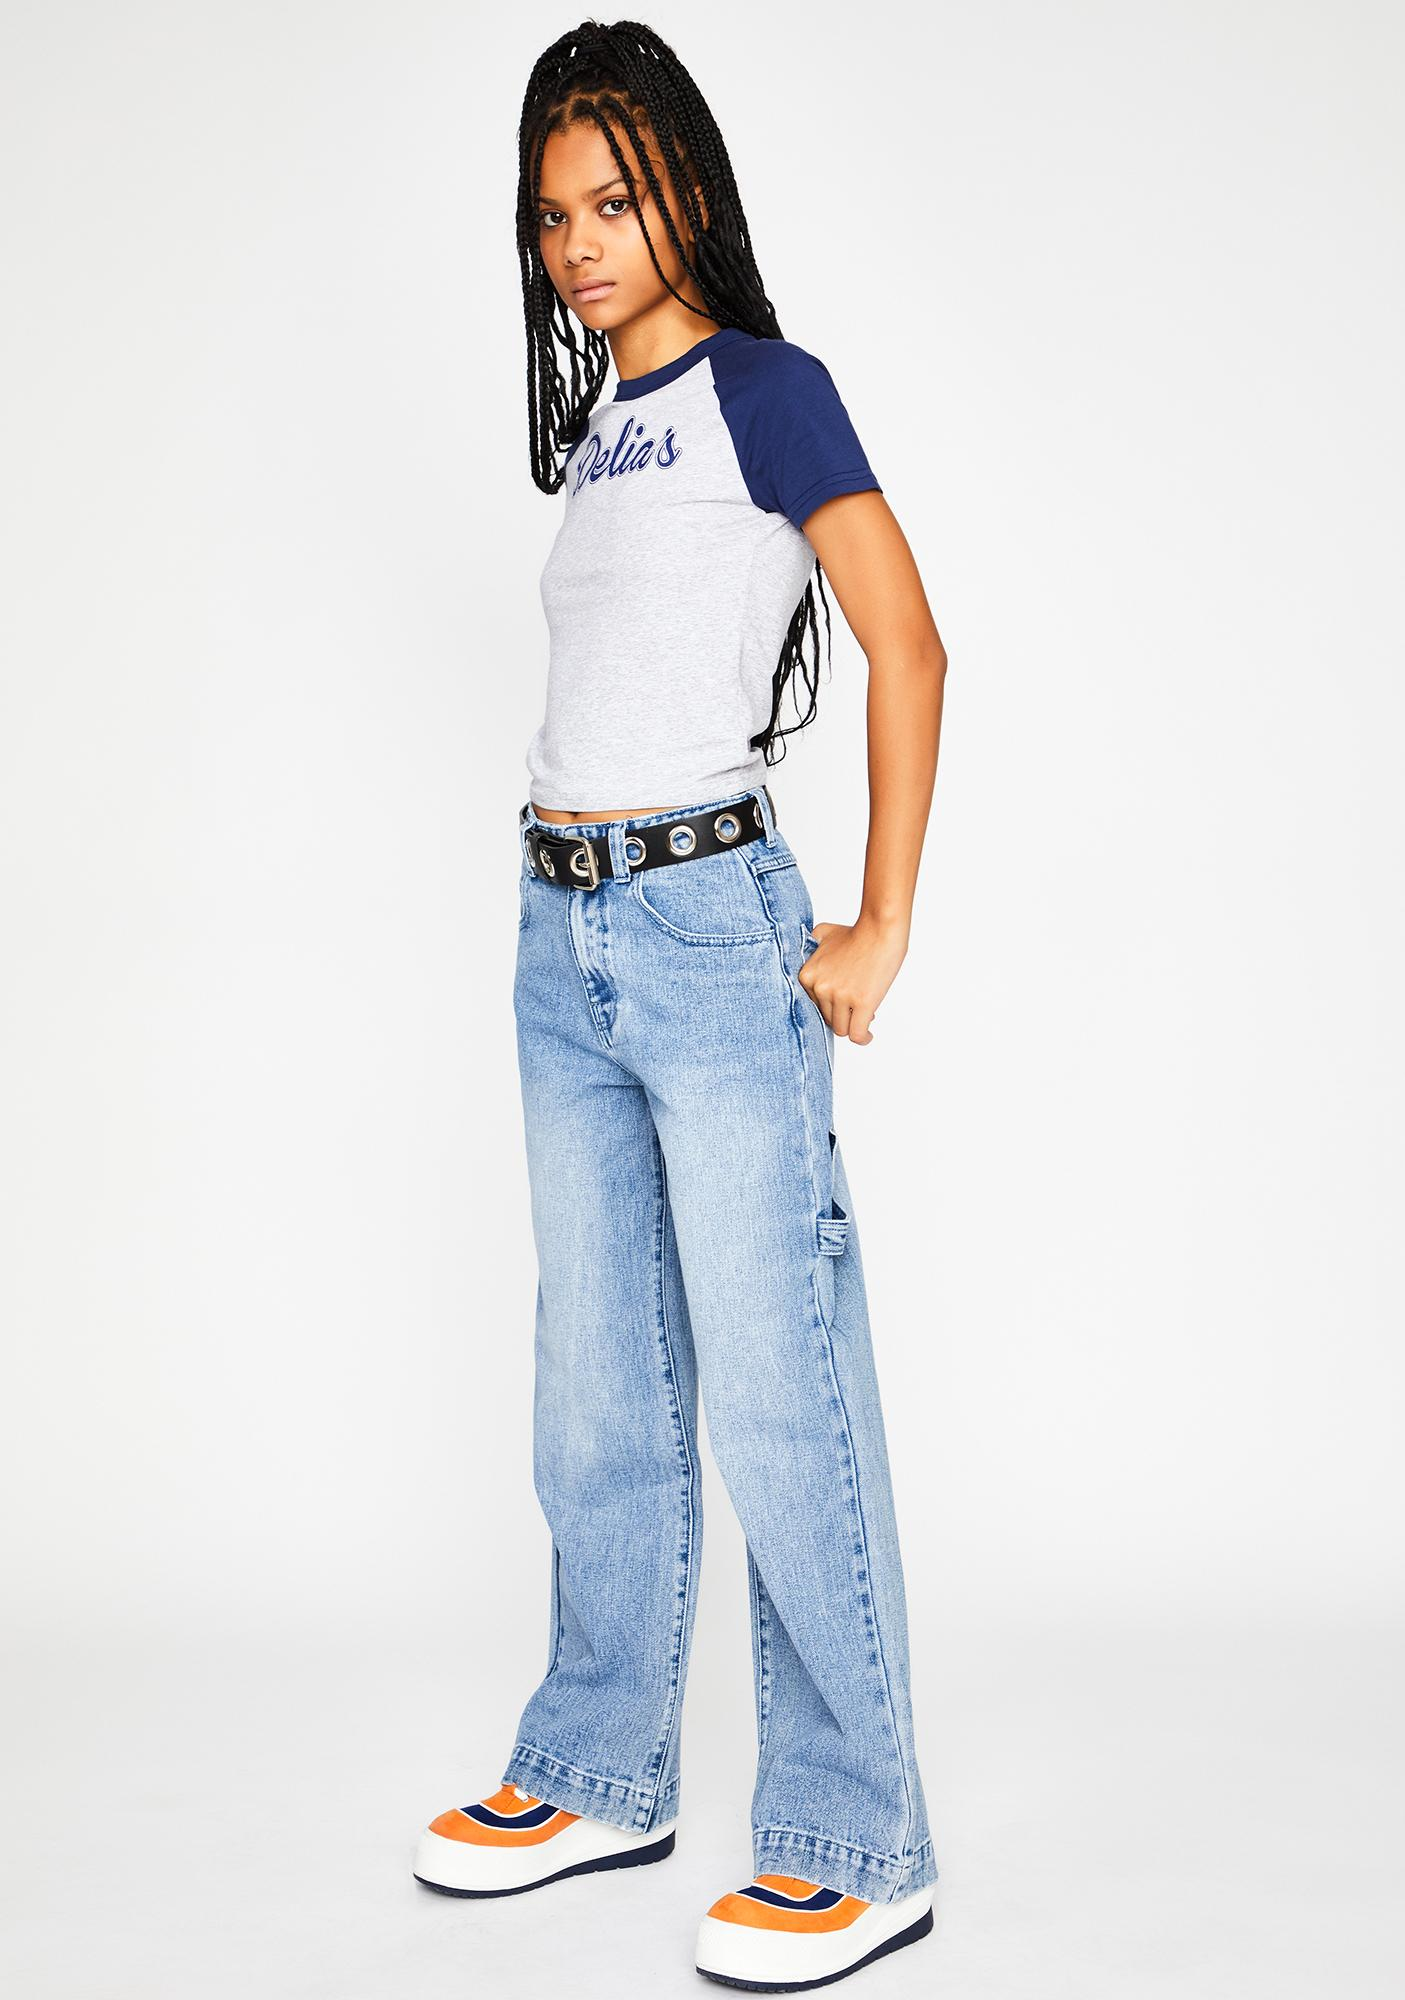 dELiA*s by Dolls Kill So Misunderstood Denim Jeans